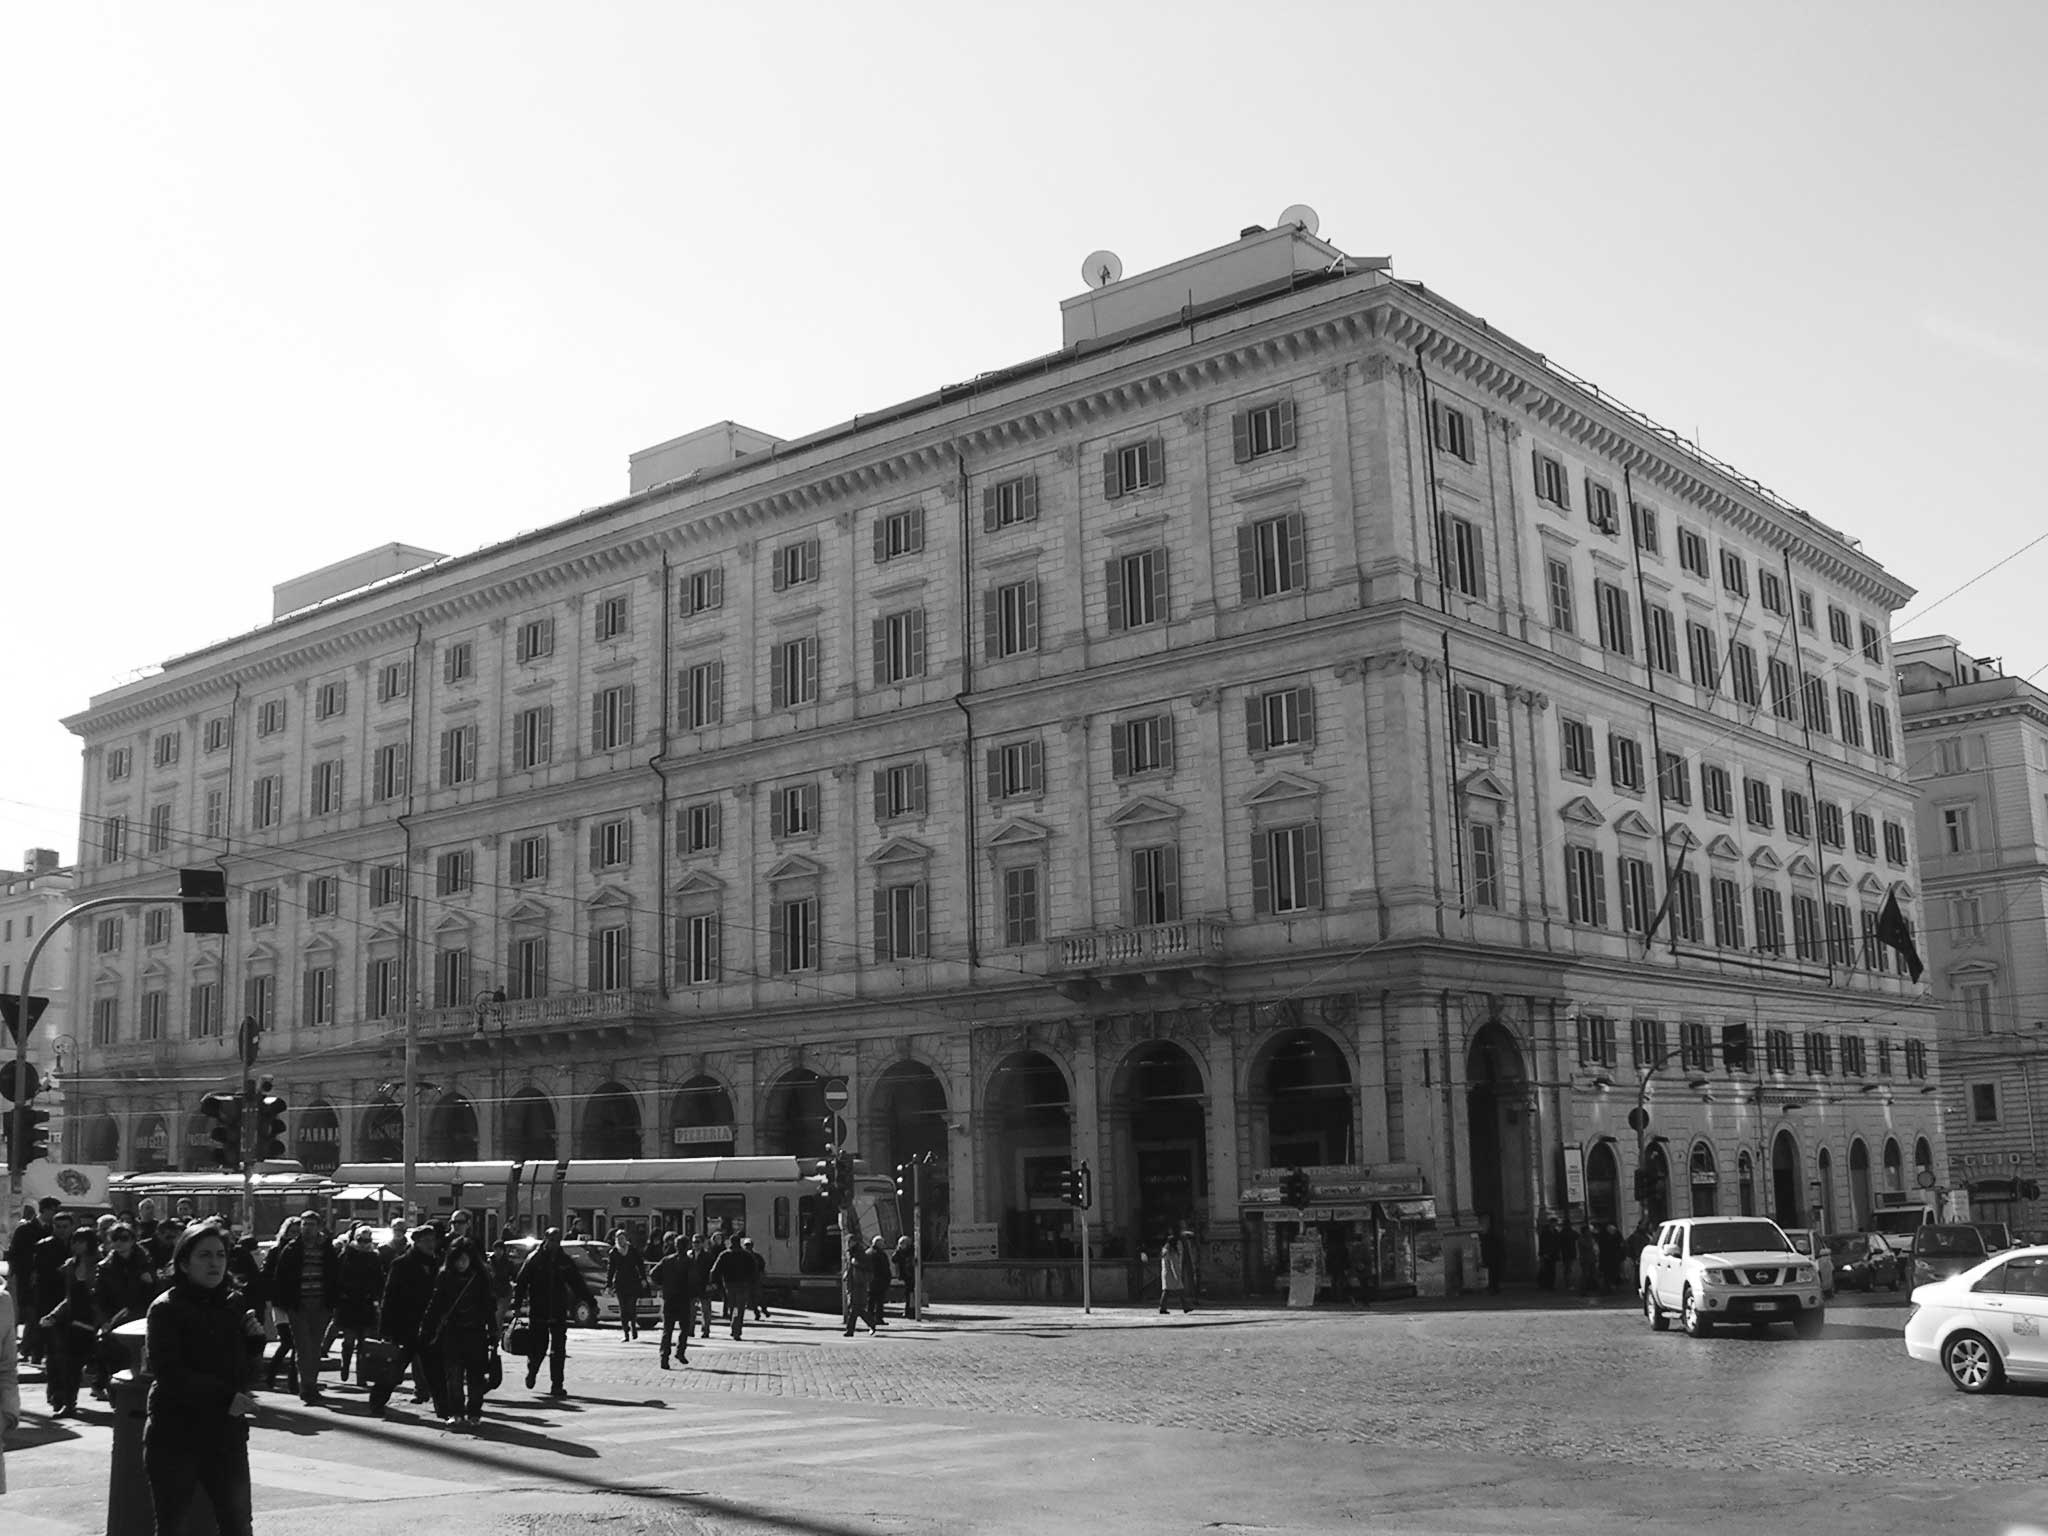 Bodini massimo camillo ordine degli architetti di roma for Roma ordine architetti